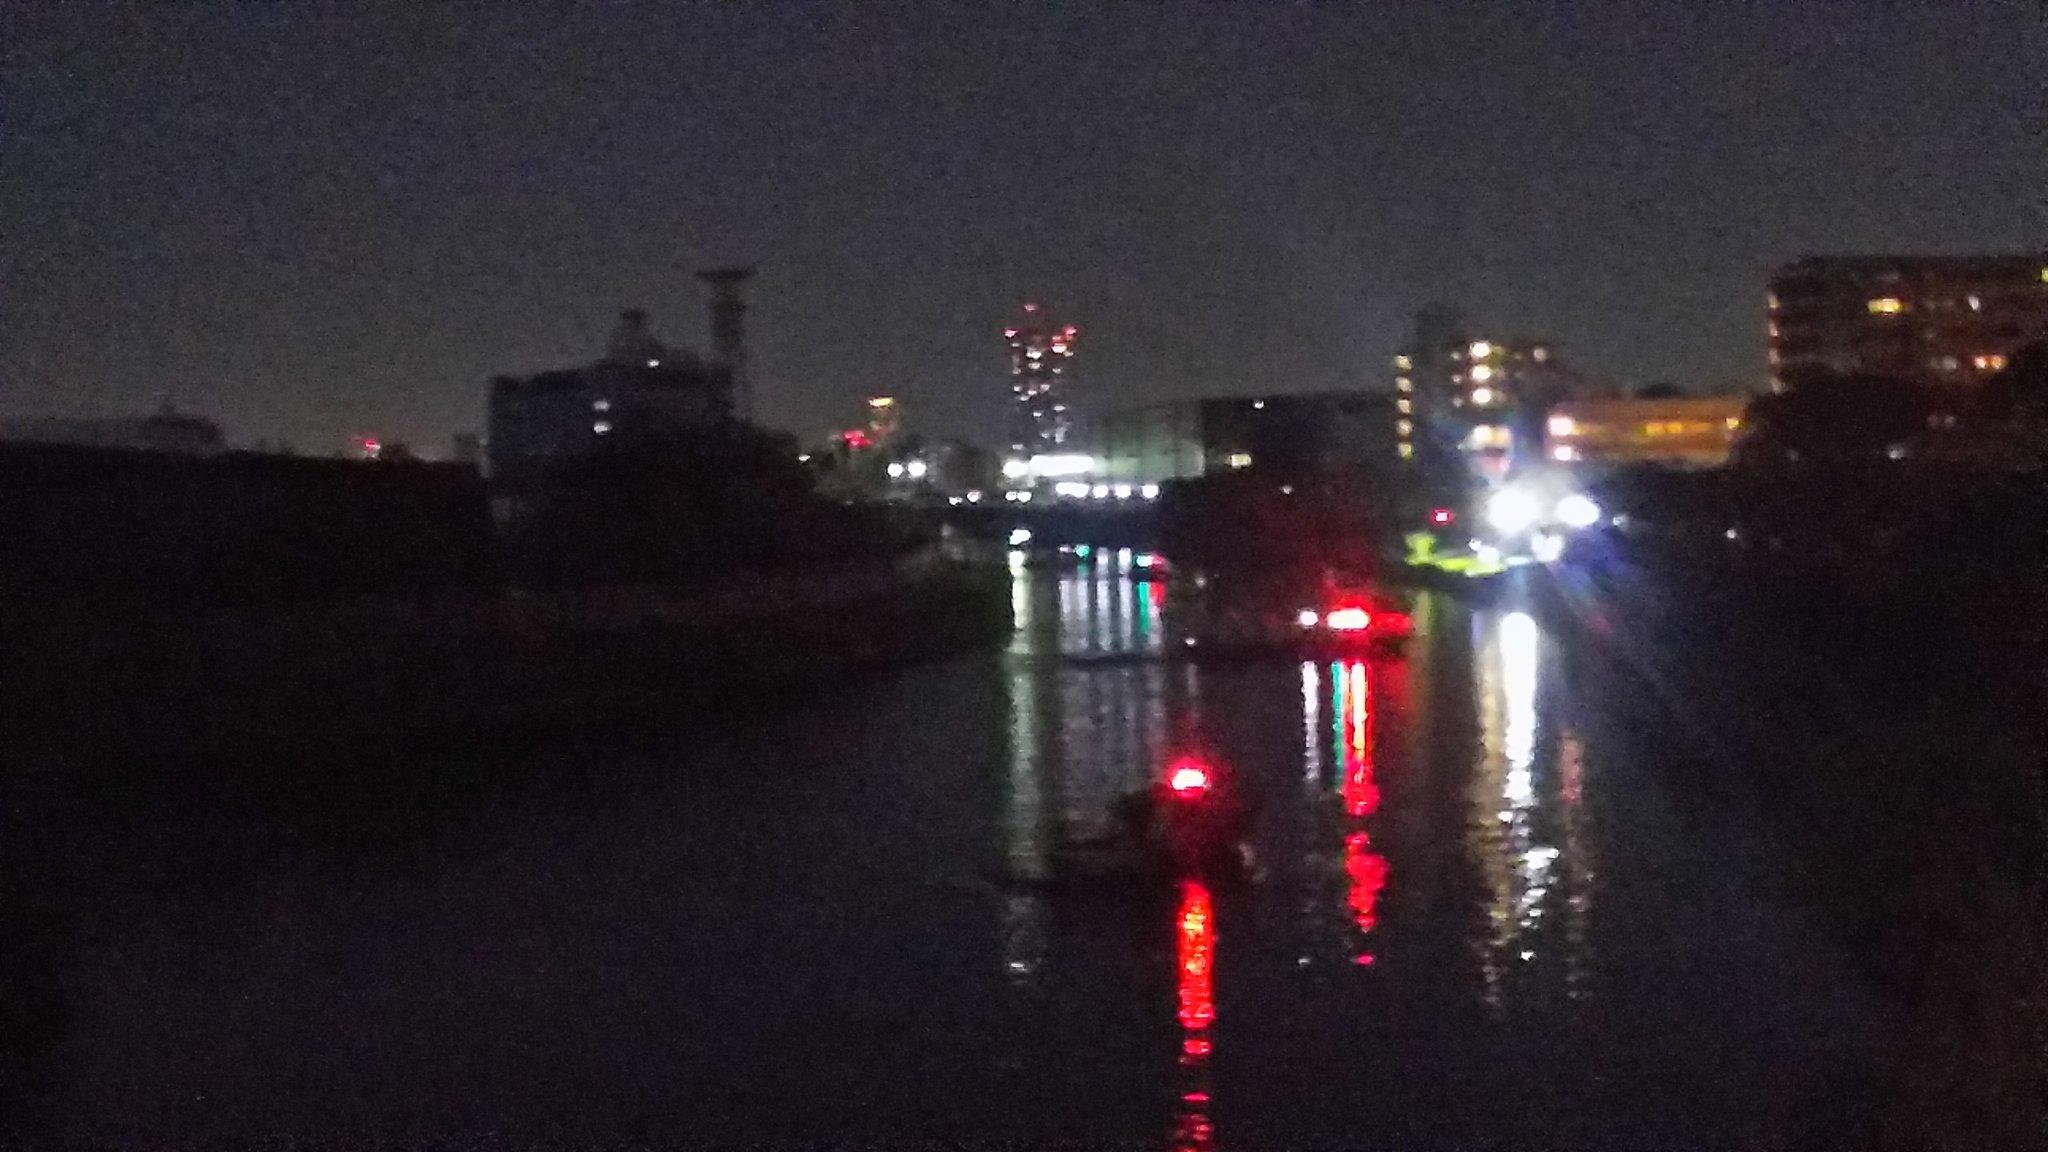 画像,駄目だ、暗くてまだ難航中のよう。板橋区の新河岸川で二人が溺れてる件。水難事故。 https://t.co/Uv6WFiIUFo…